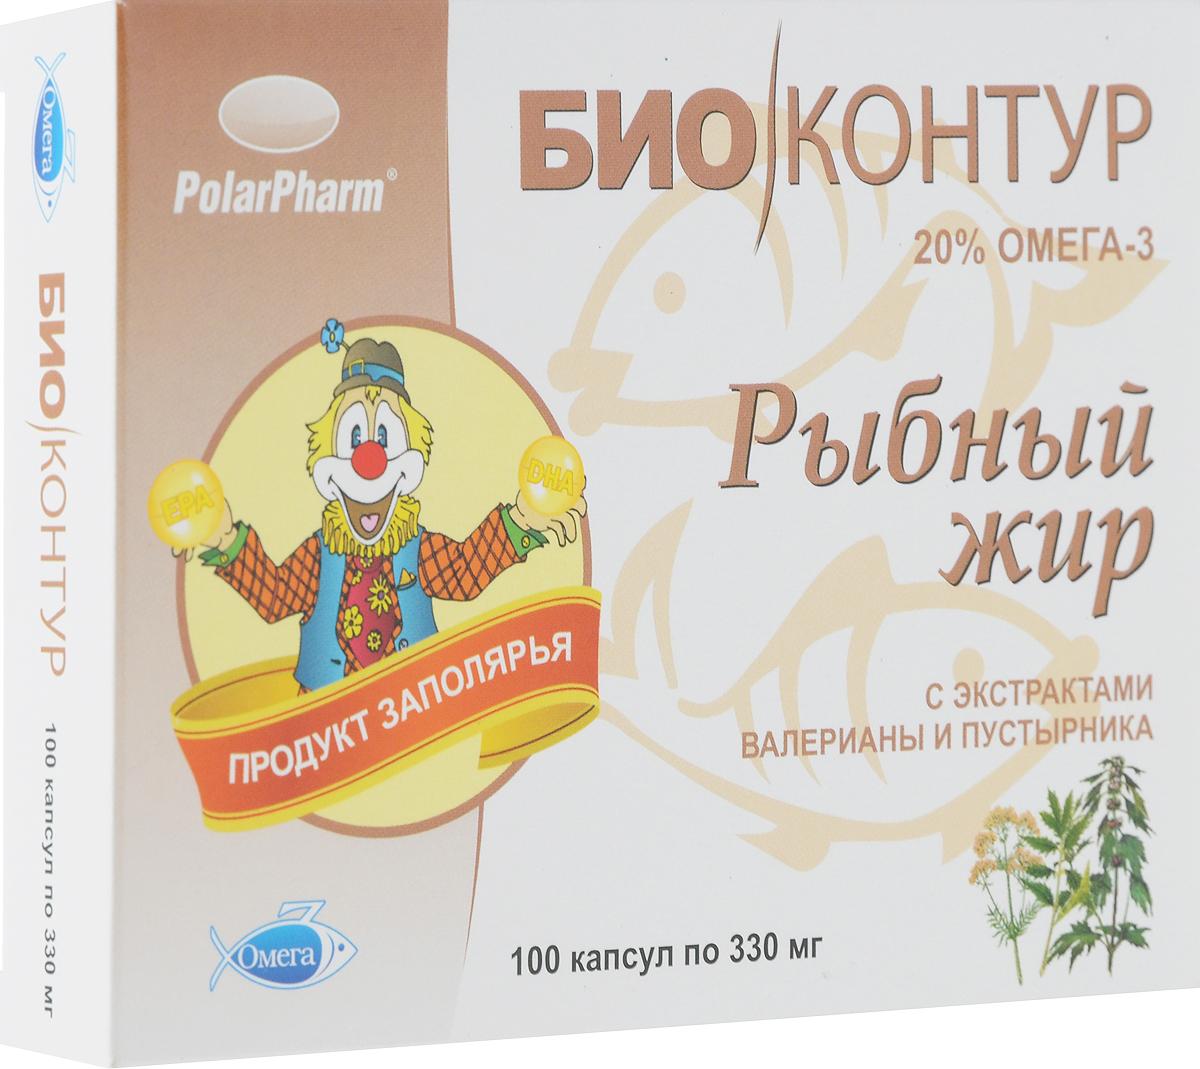 Рыбный жир с валерьяной и пустырником капсулы 330 мг №100217Рыбный жир в качестве дополнительного источника полиненасыщенных жирных кислот Омега-3 Сфера применения: КардиологияОмега